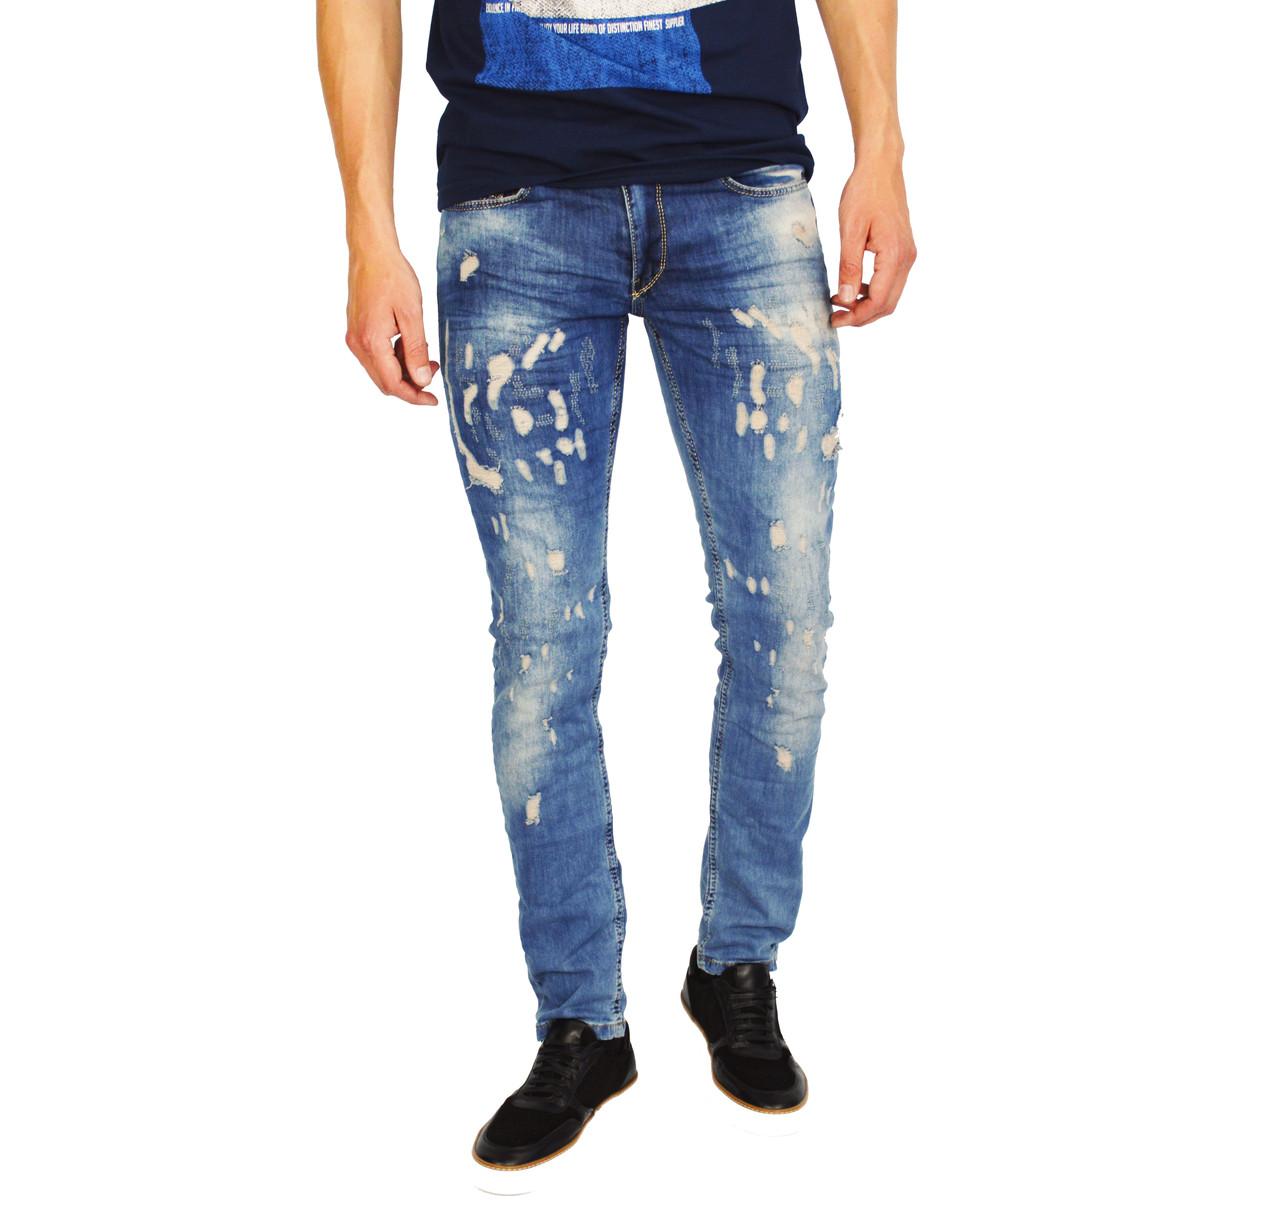 5325a78bfad Голубые рваные мужские джинсы зауженные BALMAIN  продажа